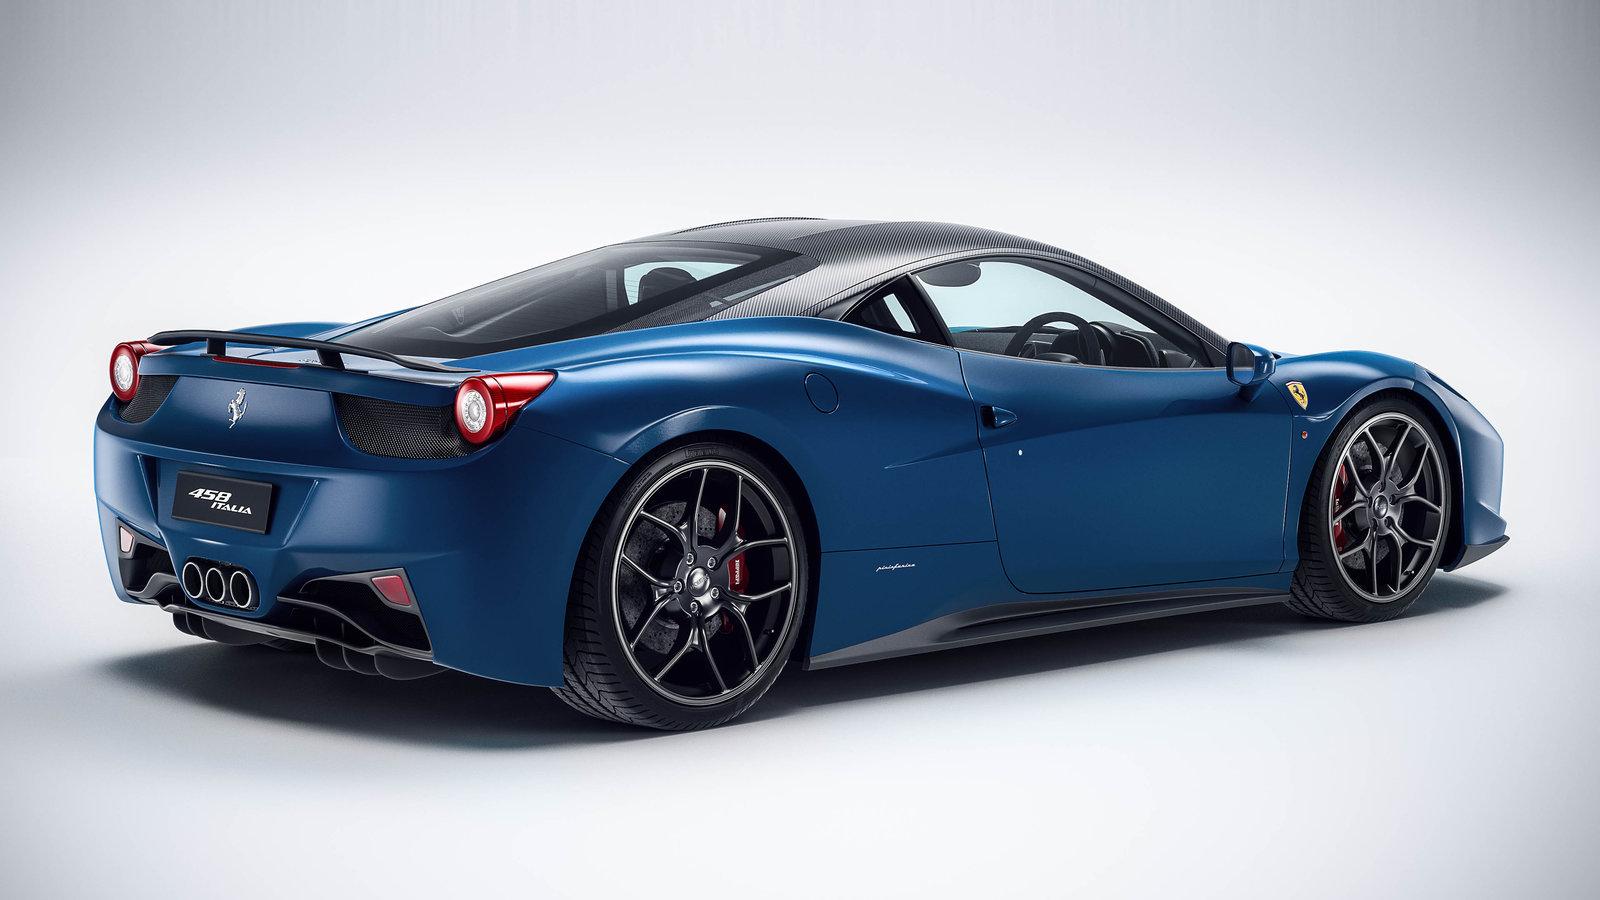 2015 Ferrari 458 Speciale >> Blue Ferrari Wallpaper Italia | Collection 15+ Wallpapers